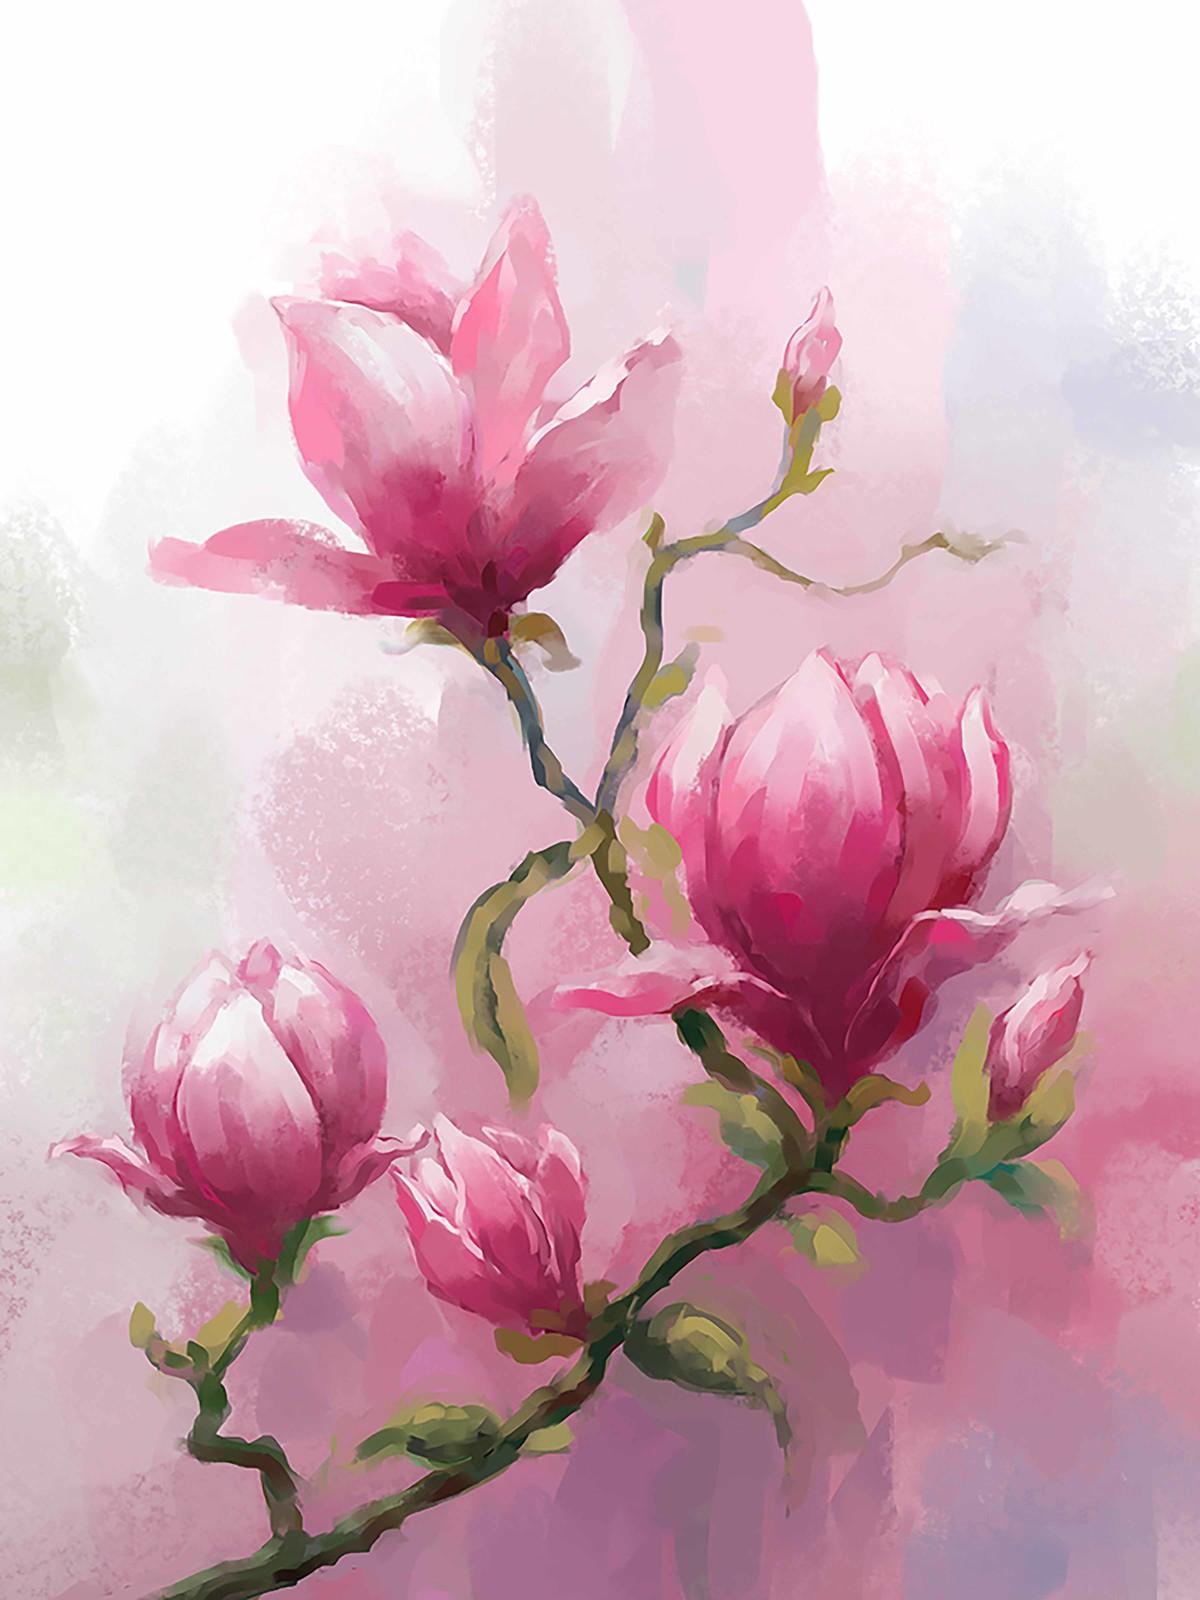 Water Colour Bloom - 83 Digital Print by The Print Studio,Digital